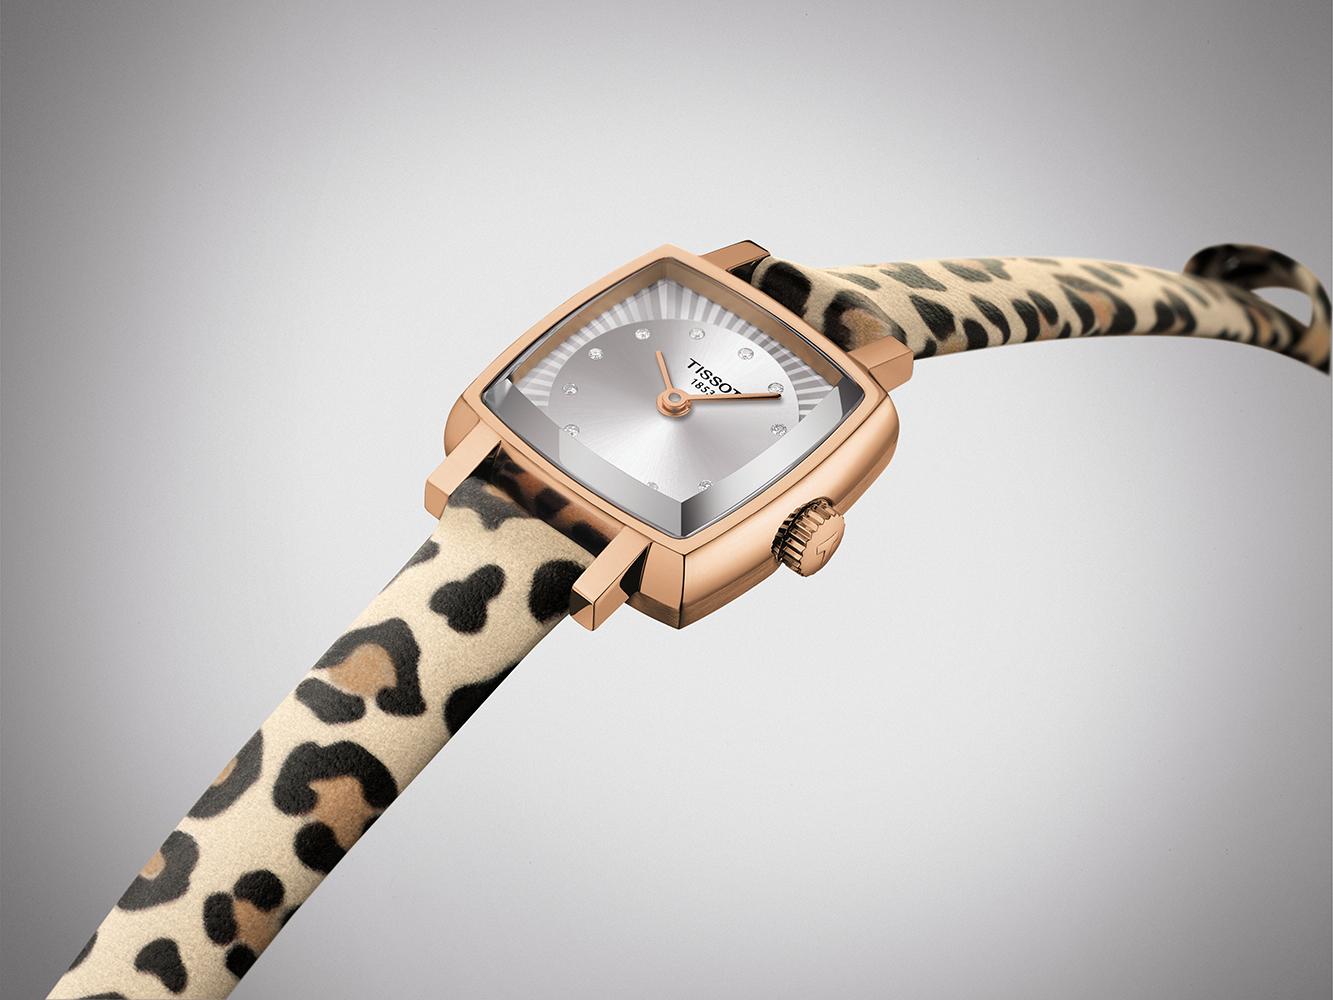 T058.109.37.036.00 zegarek srebrny elegancki Lovely pasek